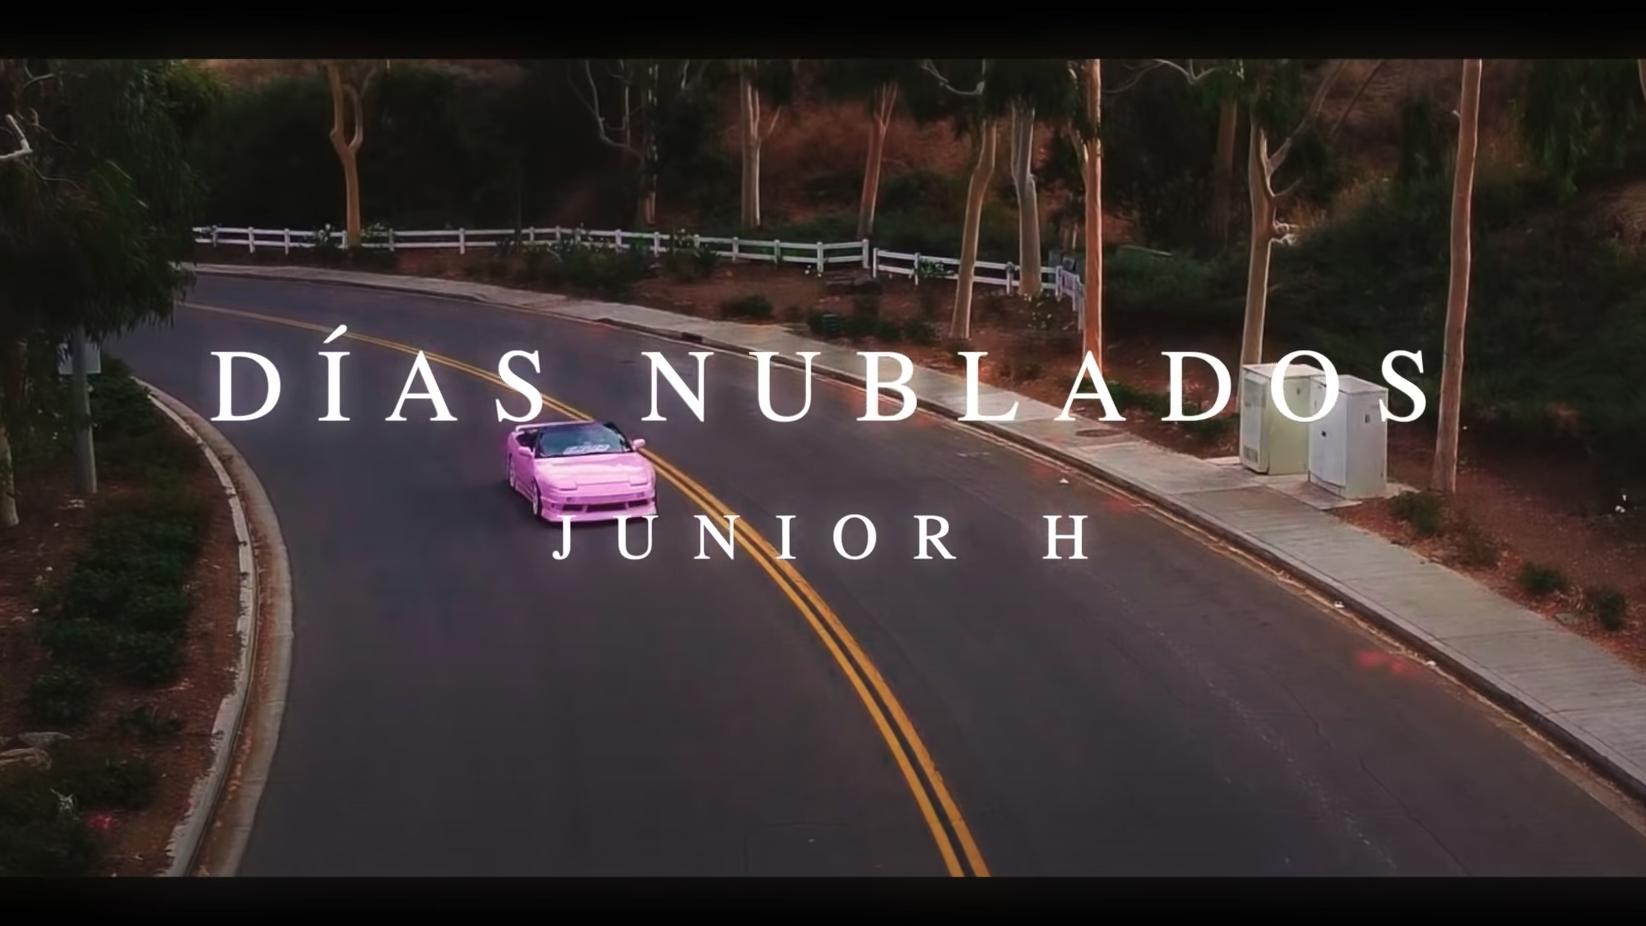 Junior H